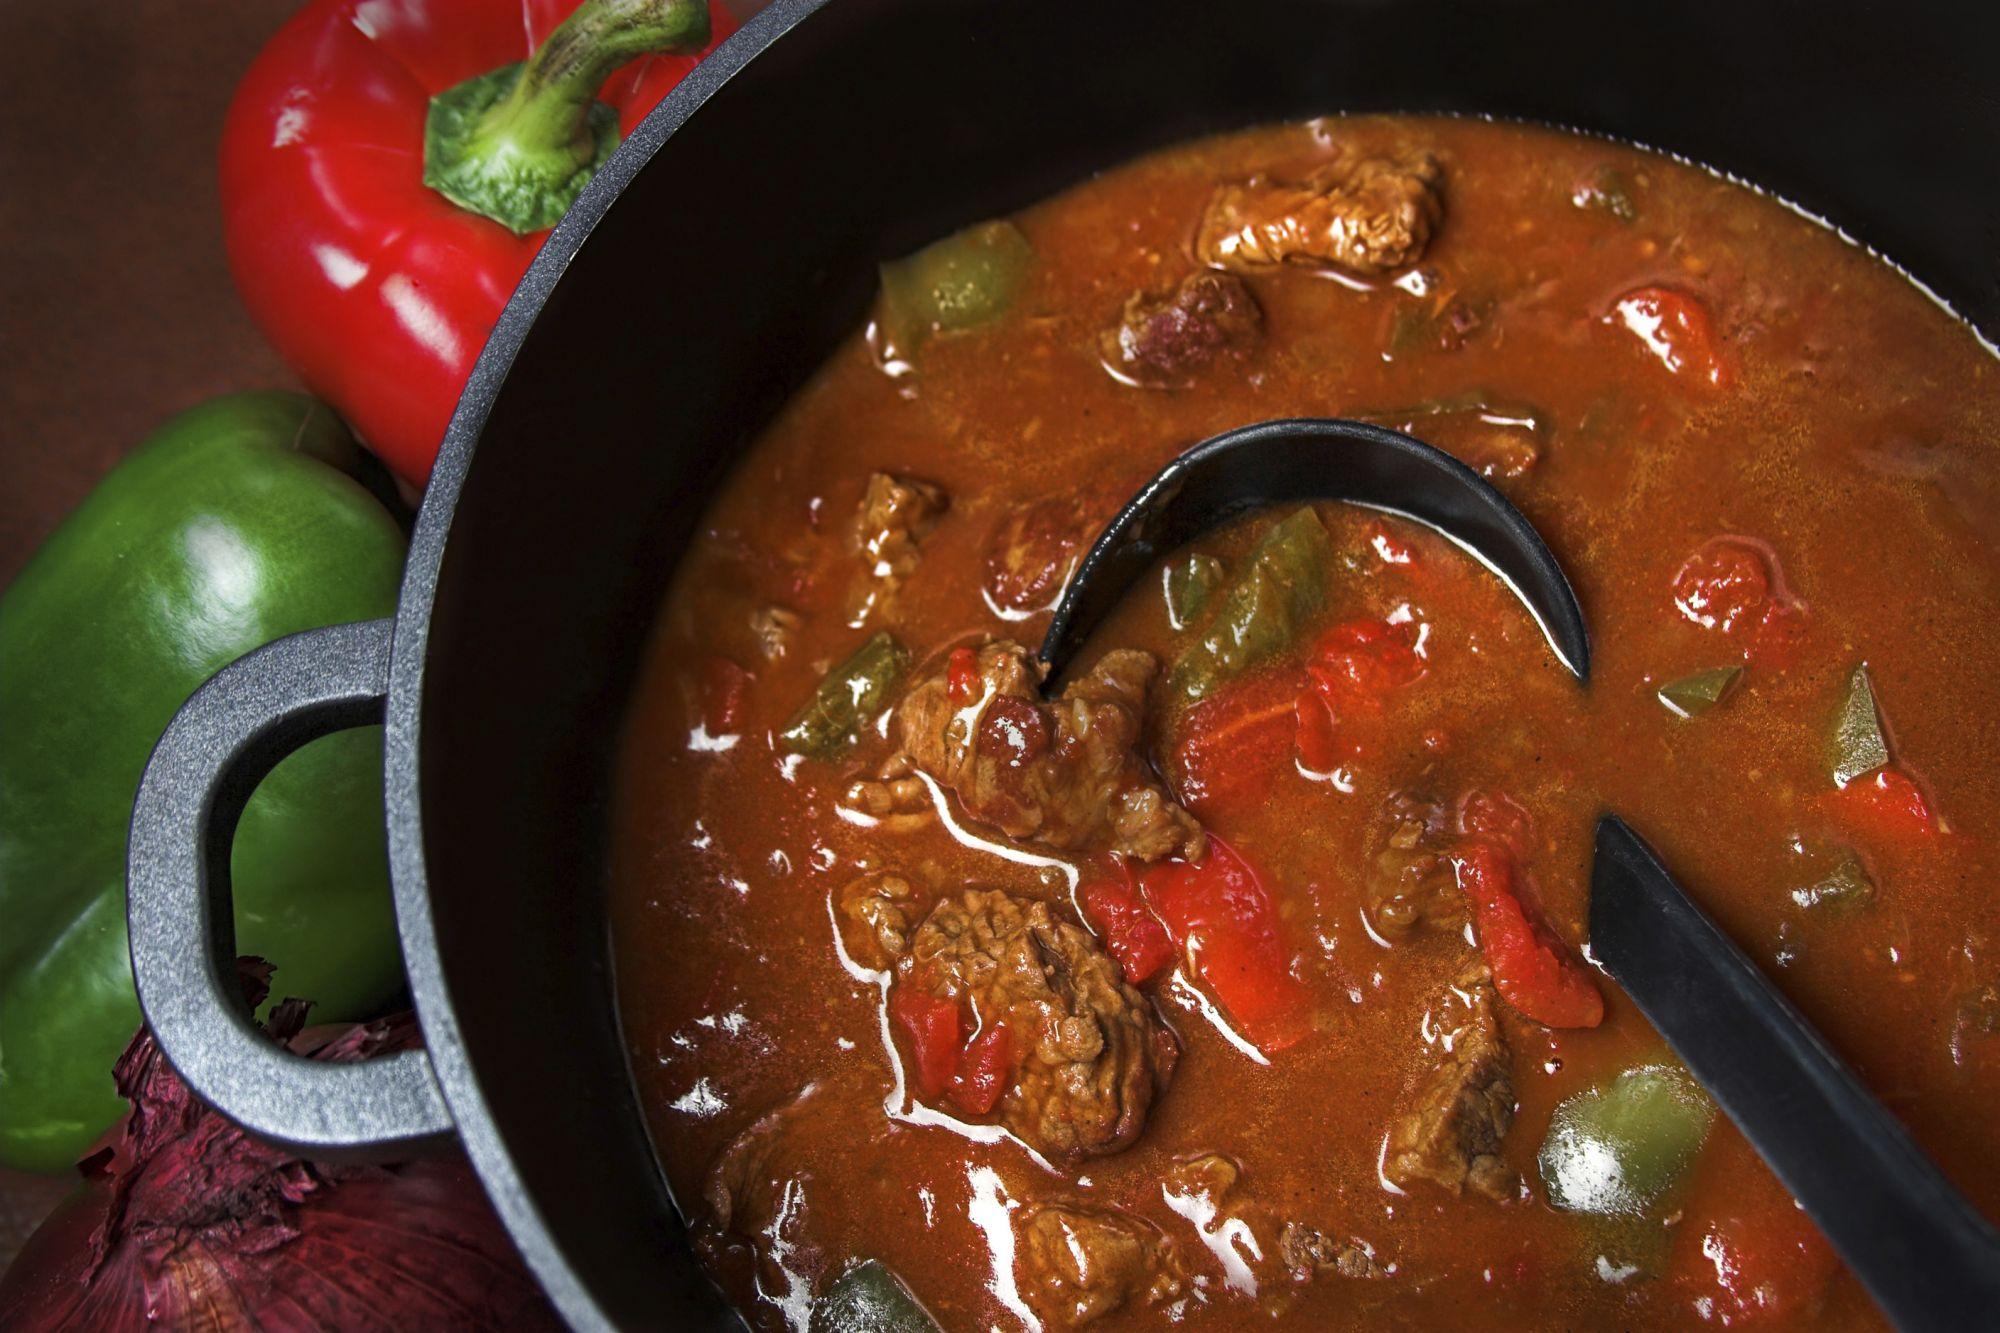 Qu sabroso es el espa ol los t rminos de la cocina hispana for Terminos de cocina